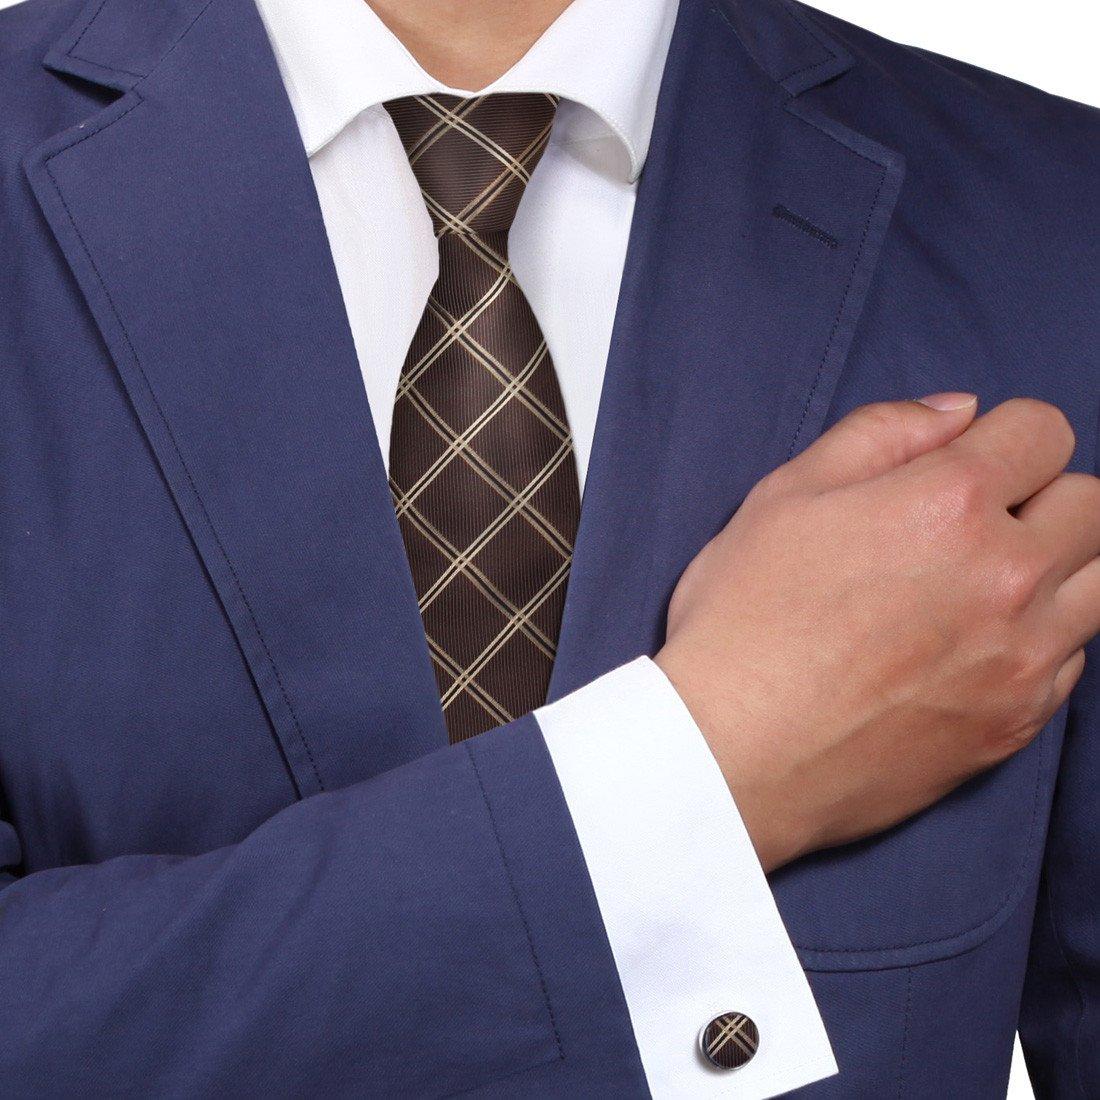 Y&G A2053 Dark Brown Checkered Blue Fine Presents Idea One Size World Gift Idea Silk Ties Cufflinks Set 2PT